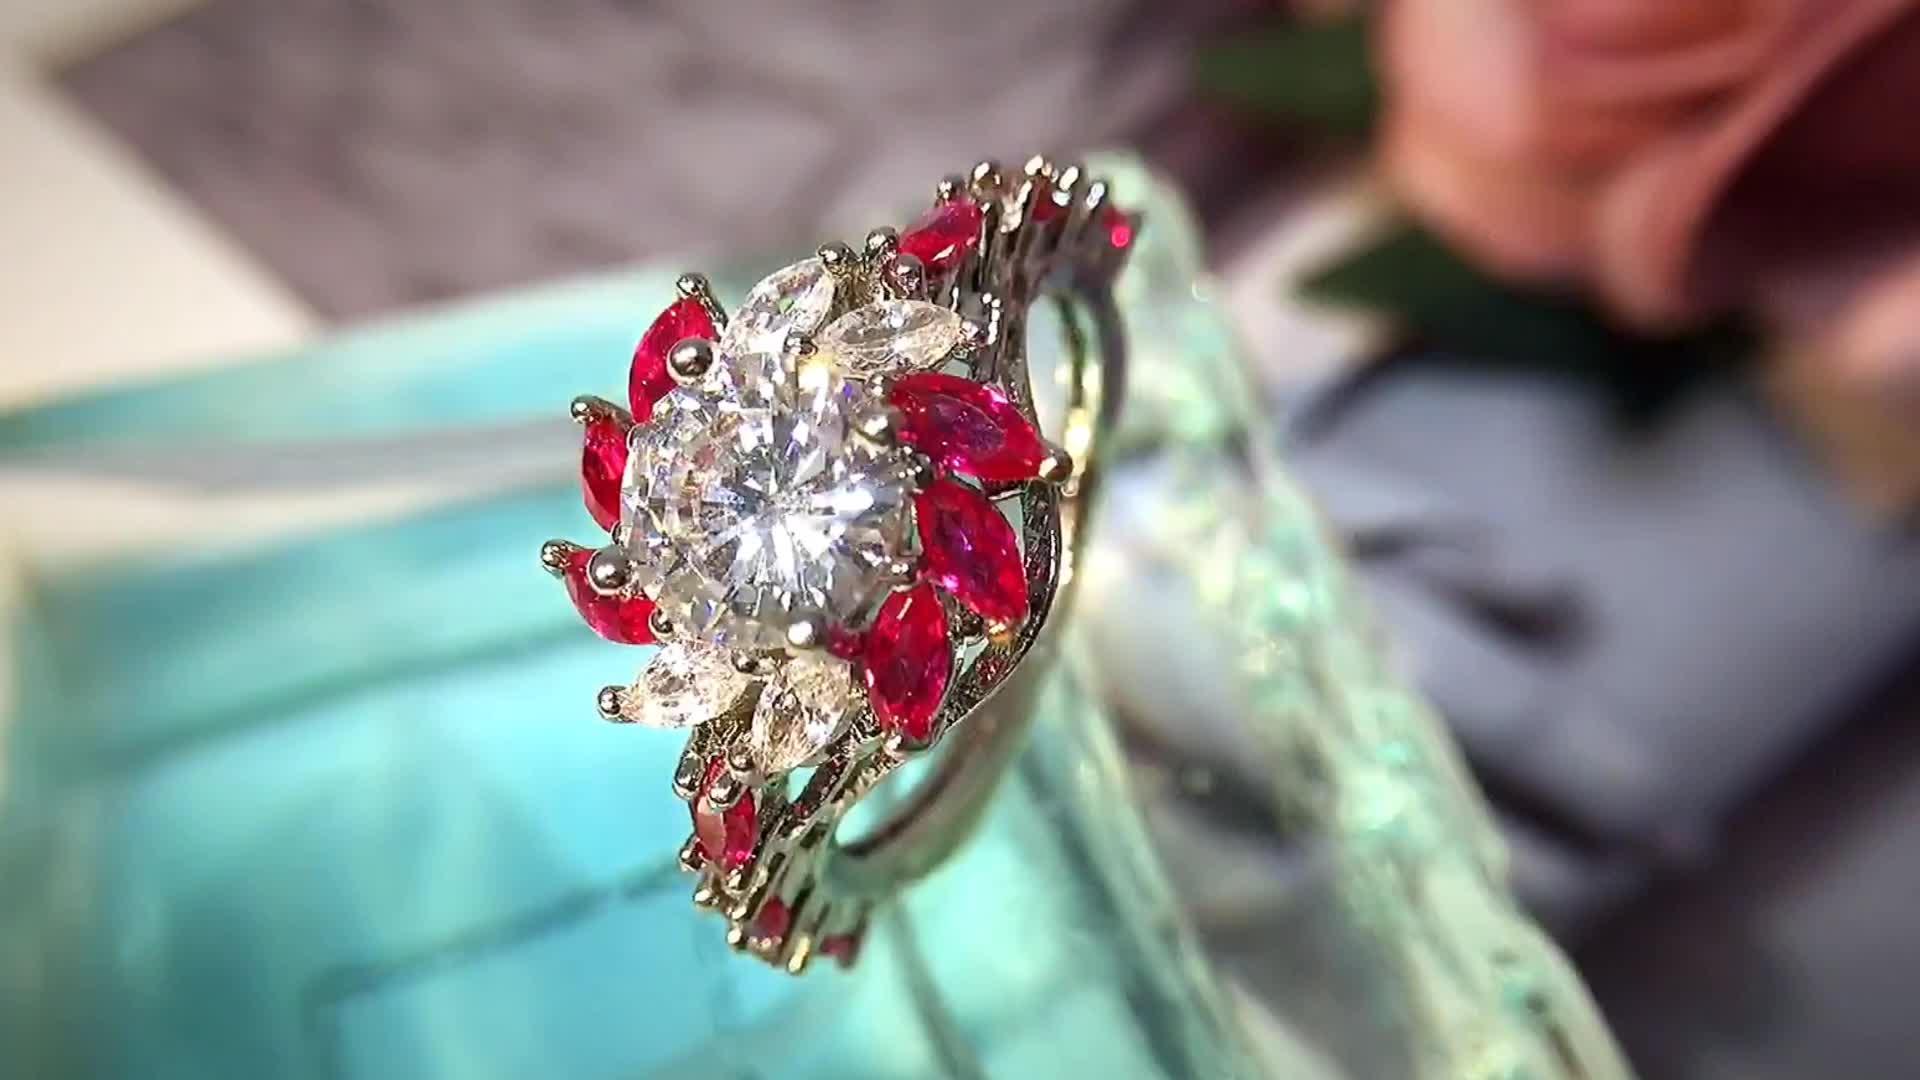 ความหนาแน่นสูงเครื่องประดับทับทิมพลอยแหวนสำหรับงานแต่งงาน